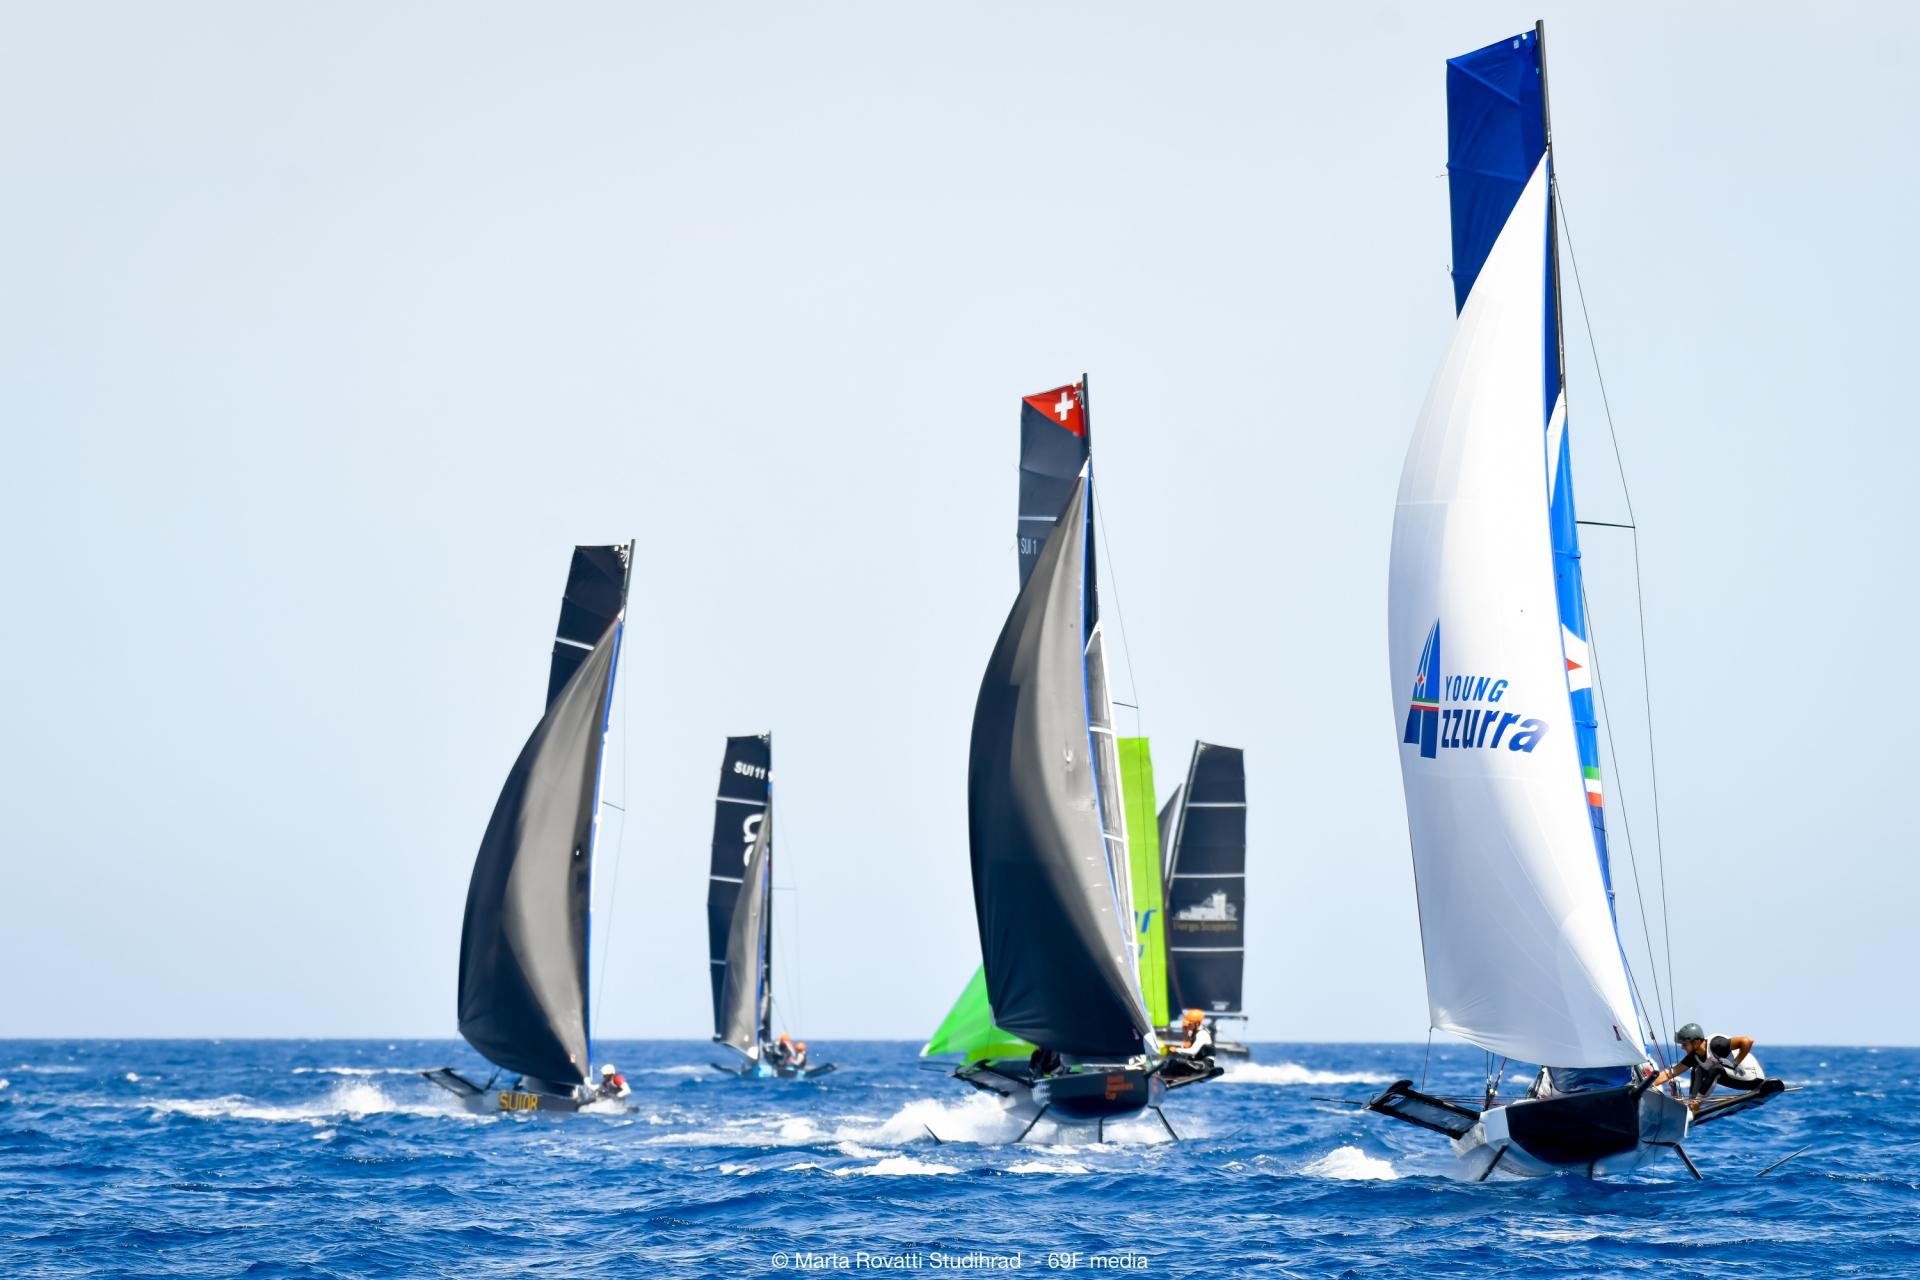 Prima giornata di regate al Persico 69F Grand Prix 2.1, al comando gli svizzeri Okalys Youth Projet - NEWS - Yacht Club Costa Smeralda